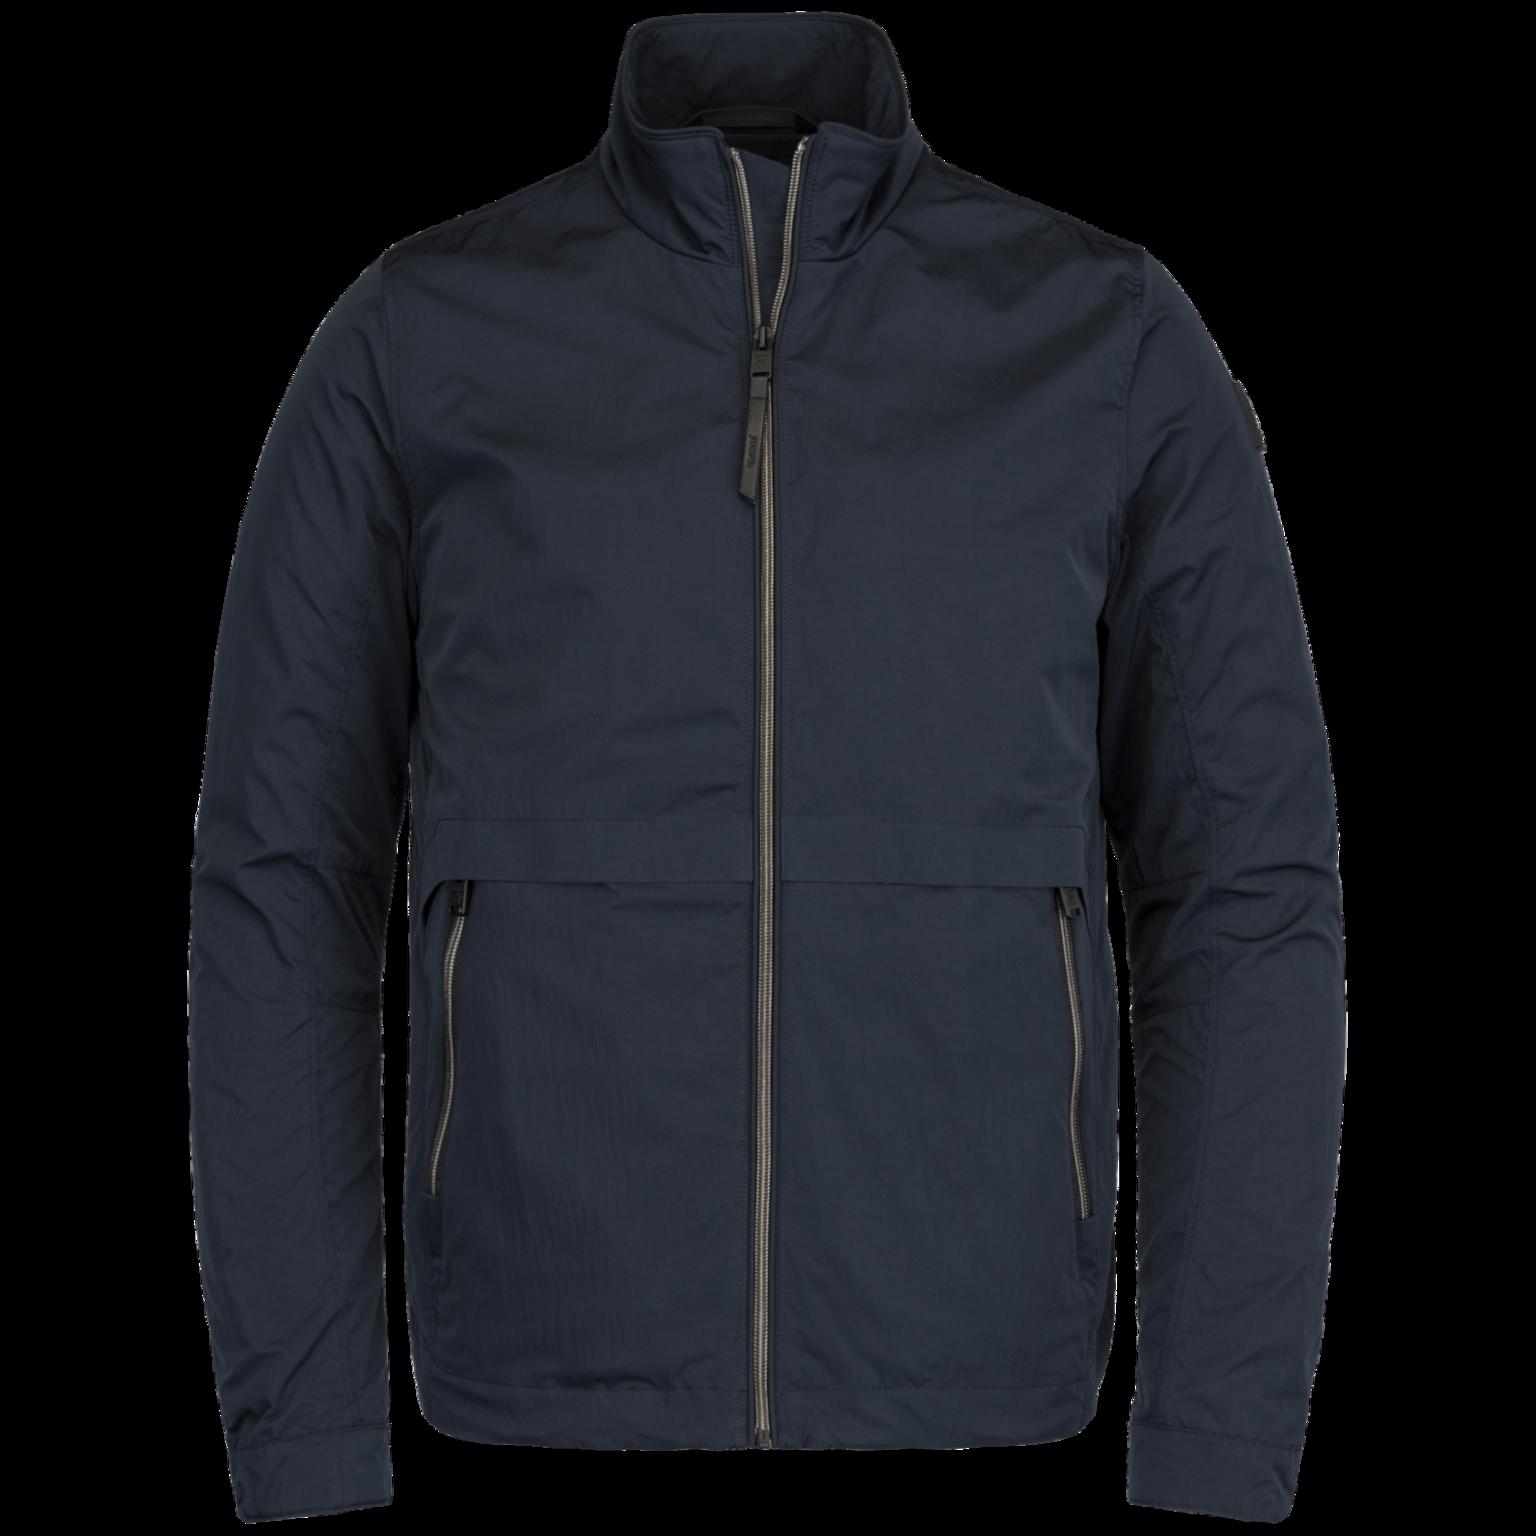 VANGUARD veste imperméable-1